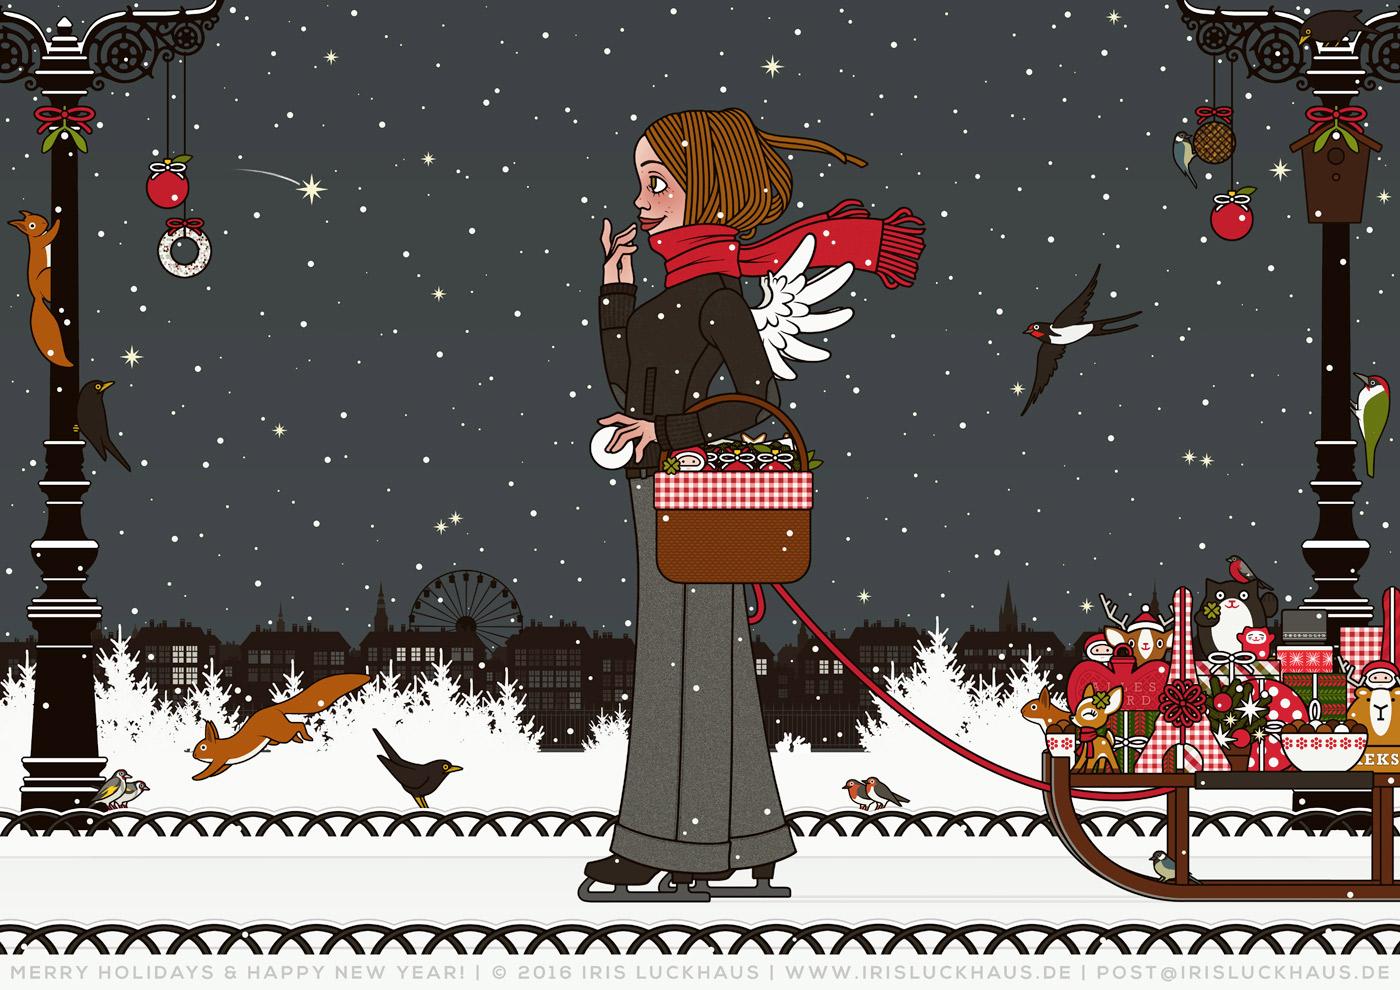 Lily Lux Weihnachtskarte von Iris Luckhaus mit der Zeichnung einer Eisläuferin, die zur Feier von Weihnachten mit Schlittschuhen, Geschenken, Schneeball und Flügeln, über den zugefrorenen See im winterlichen Stadtpark läuft